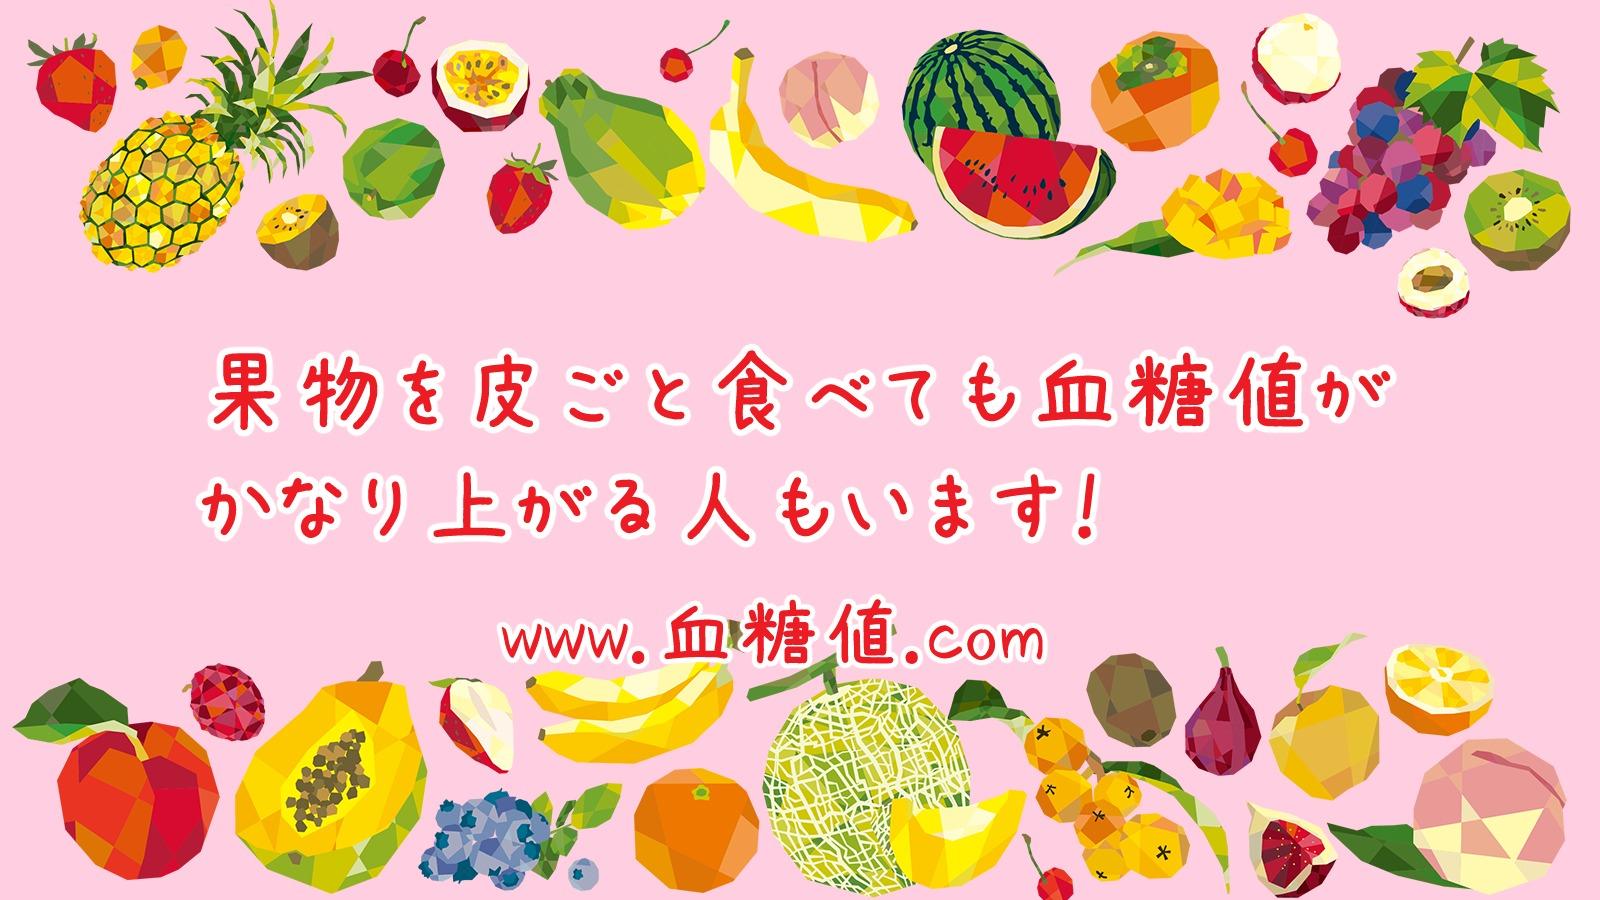 果物は糖尿病患者の血糖値を上げます